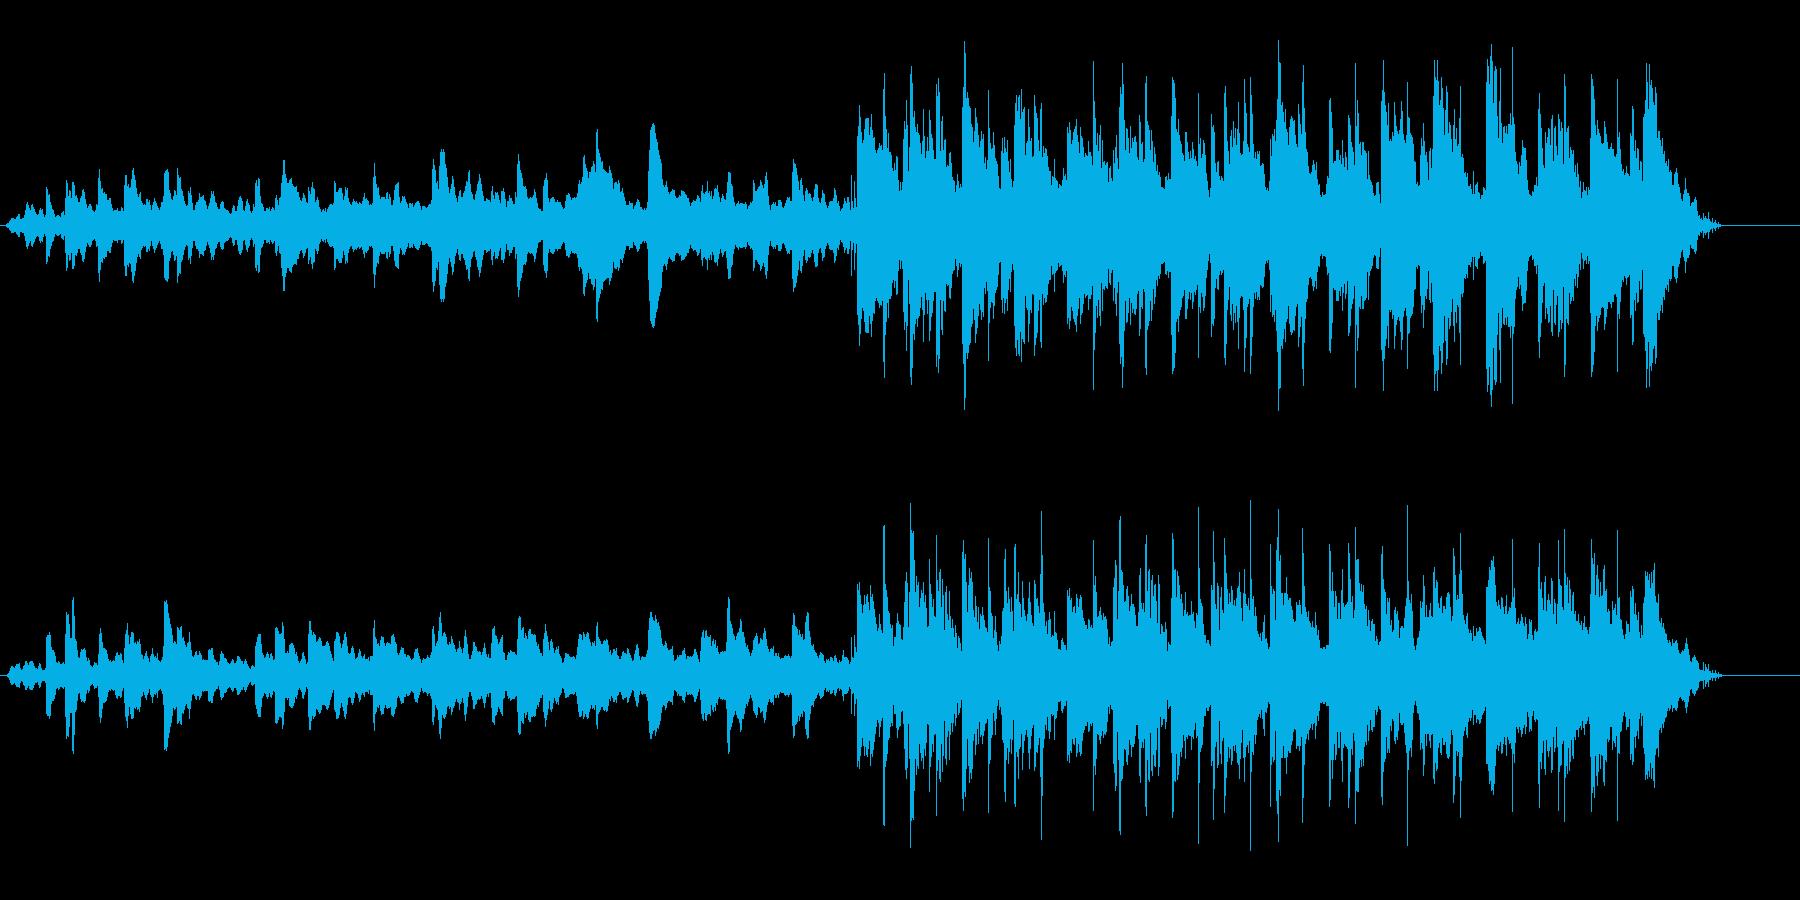 水中にゆっくりと沈んでいくようなBGMの再生済みの波形